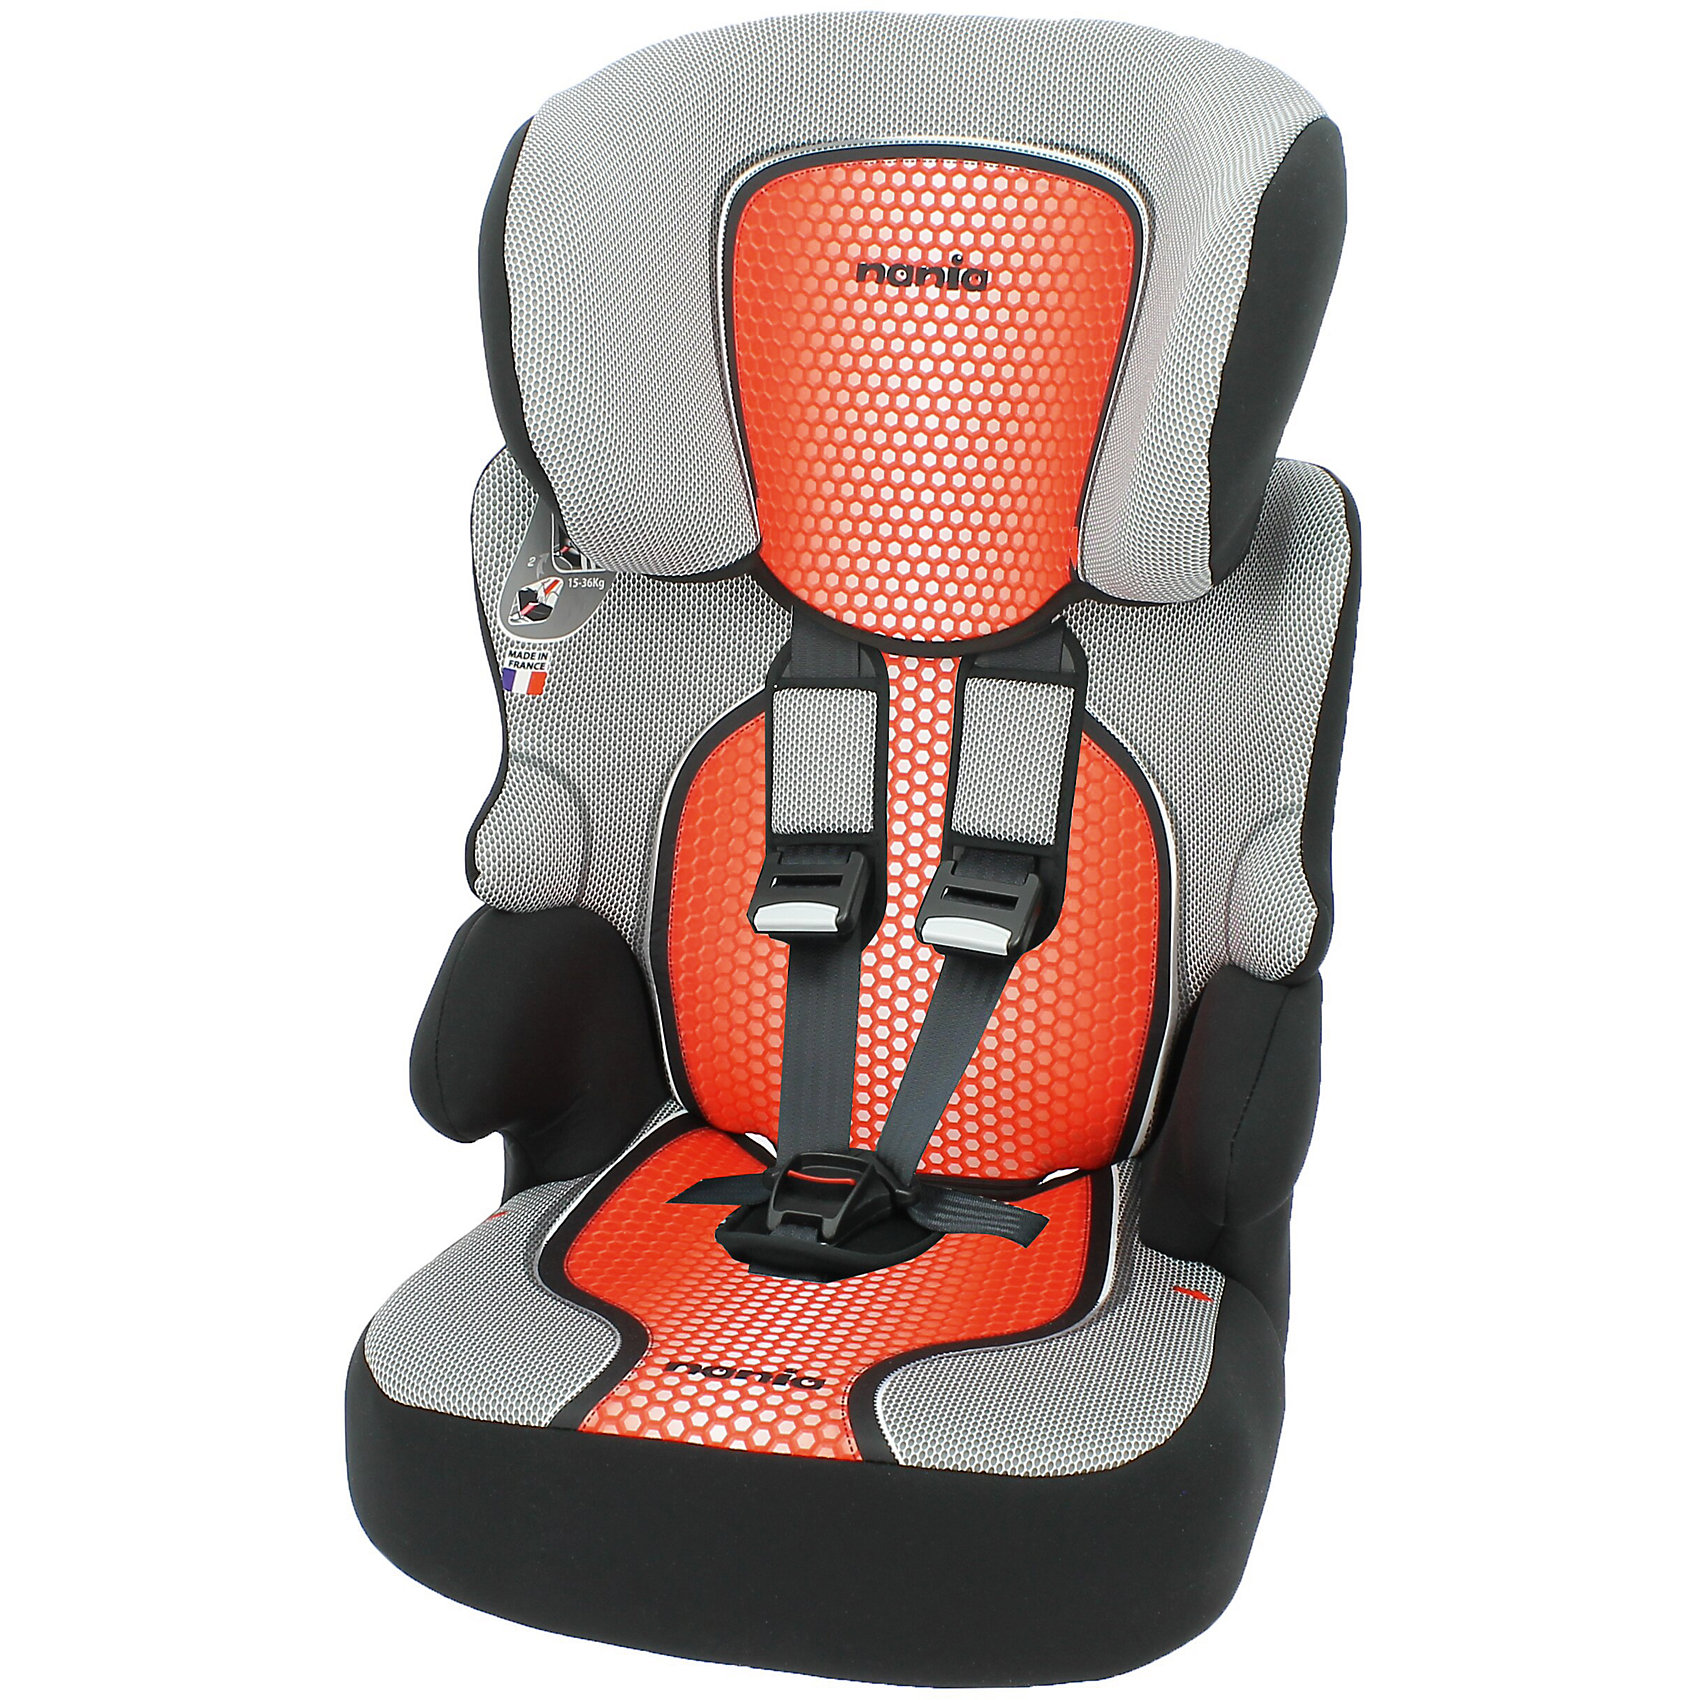 Автокресло Beline SP FST 9-36 кг., Nania, pop redХарактеристики автокресла Nania Beline SP FST:<br><br>• группа 1-2-3;<br>• вес ребенка: 9-36 кг;<br>• возраст ребенка: от 9 месяцев до 12 лет;<br>• способ установки: по ходу движения автомобиля;<br>• способ крепления: штатными ремнями безопасности автомобиля;<br>• 5-ти точечные ремни безопасности с мягкими накладками, регулируются по высоте (3 положения) и длине;<br>• имеются подлокотники;<br>• регулируемая высота подголовника: 6 положений;<br>• дополнительная защита от боковых ударов, система SP (side protection);<br>• функция бустера: спинка снимается, остается только креслице для ребенка, вес которого находится в пределах 22-36 кг;<br>• съемные чехлы, стирка при температуре 30 градусов;<br>• материал: пластик, полиэстер;<br>• стандарт безопасности: ЕСЕ R44/04.<br><br>Размер автокресла: 47x44x68/79 см<br>Размер сиденья: 34х27 см<br>Высота спинки: 61-72 см<br>Вес автокресла: 3,9 кг<br><br>Автокресло Beline SP FST 9-36 кг., Nania, pop red можно купить в нашем интернет-магазине.<br><br>Ширина мм: 710<br>Глубина мм: 500<br>Высота мм: 450<br>Вес г: 10520<br>Возраст от месяцев: 9<br>Возраст до месяцев: 144<br>Пол: Унисекс<br>Возраст: Детский<br>SKU: 5287301